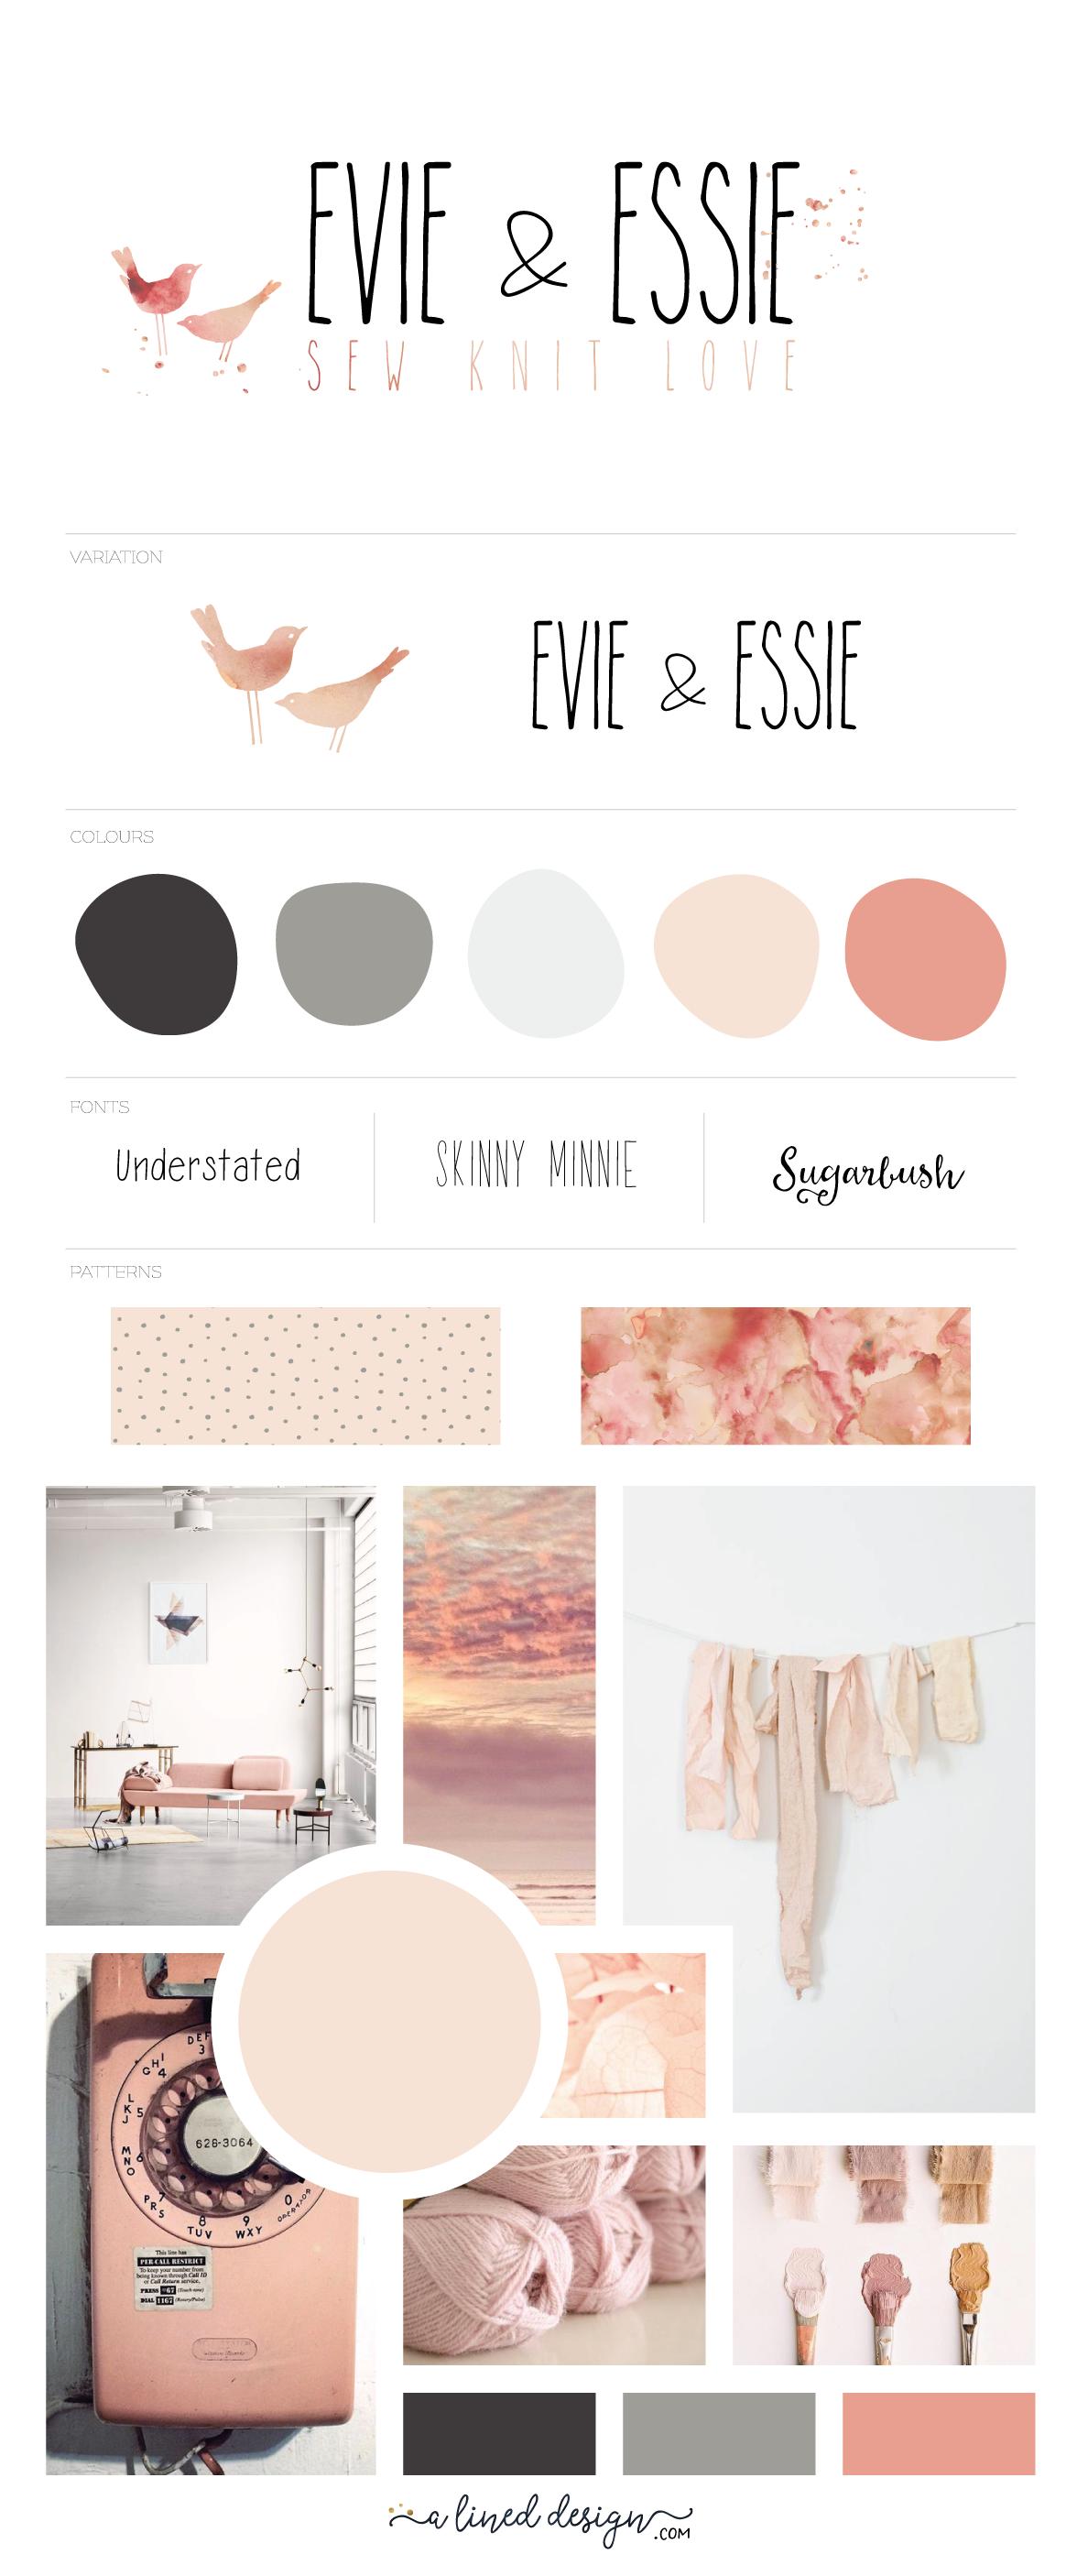 Evie & Essie branding sheet